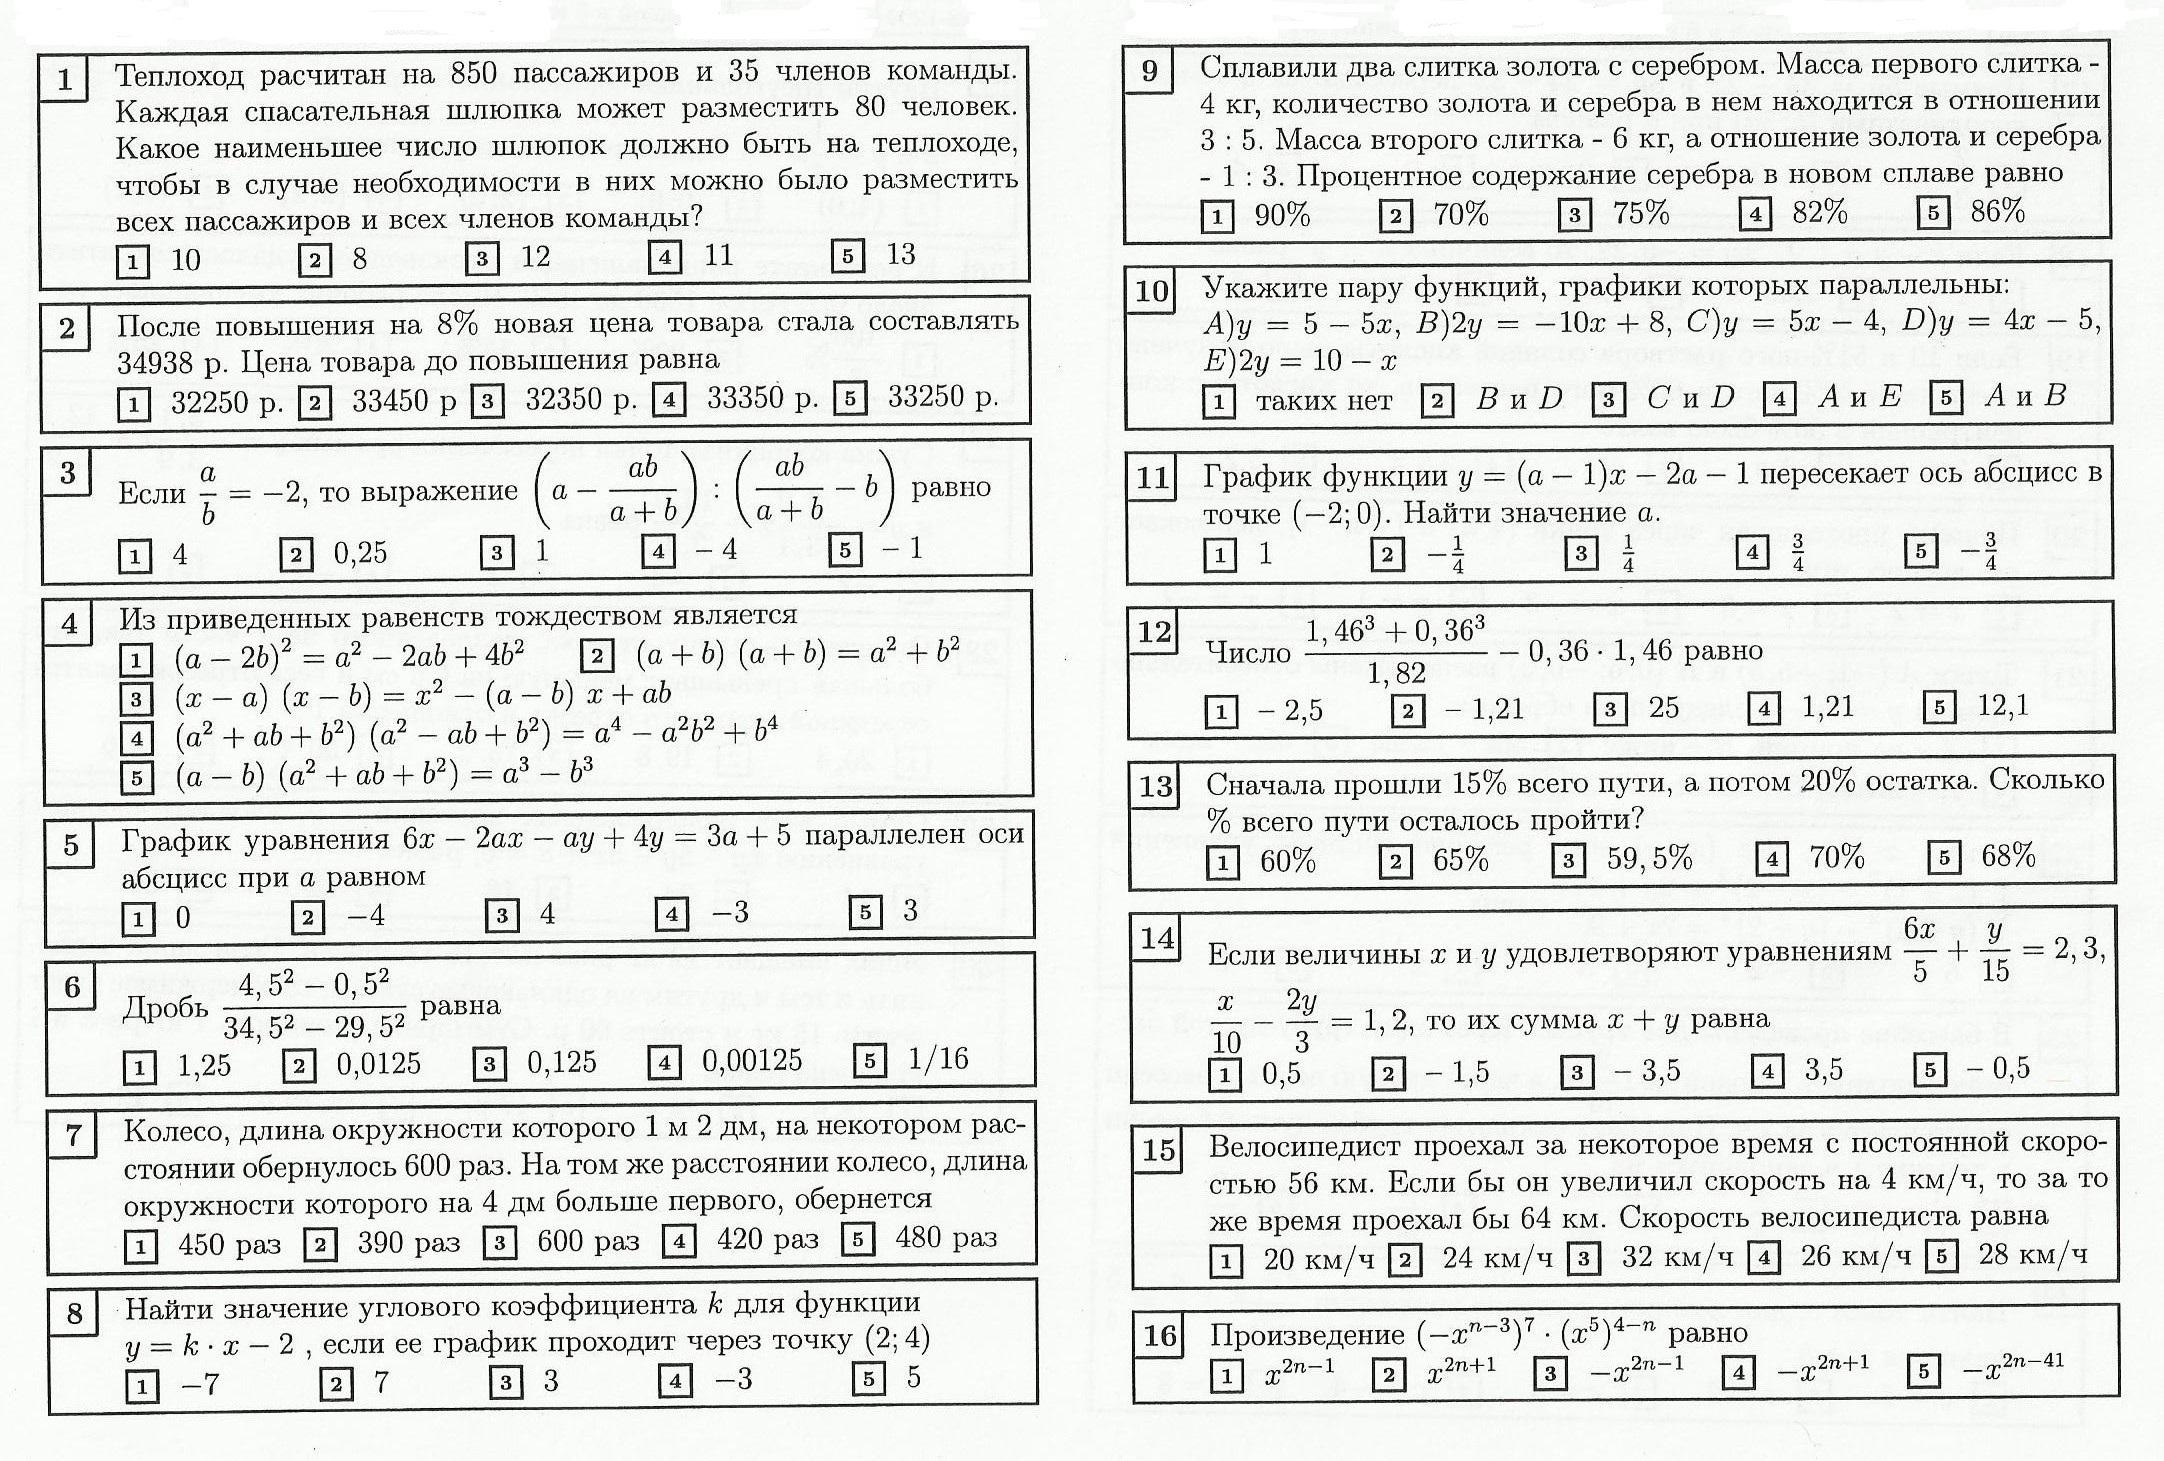 контрольная работа по химии 9 класс алканы